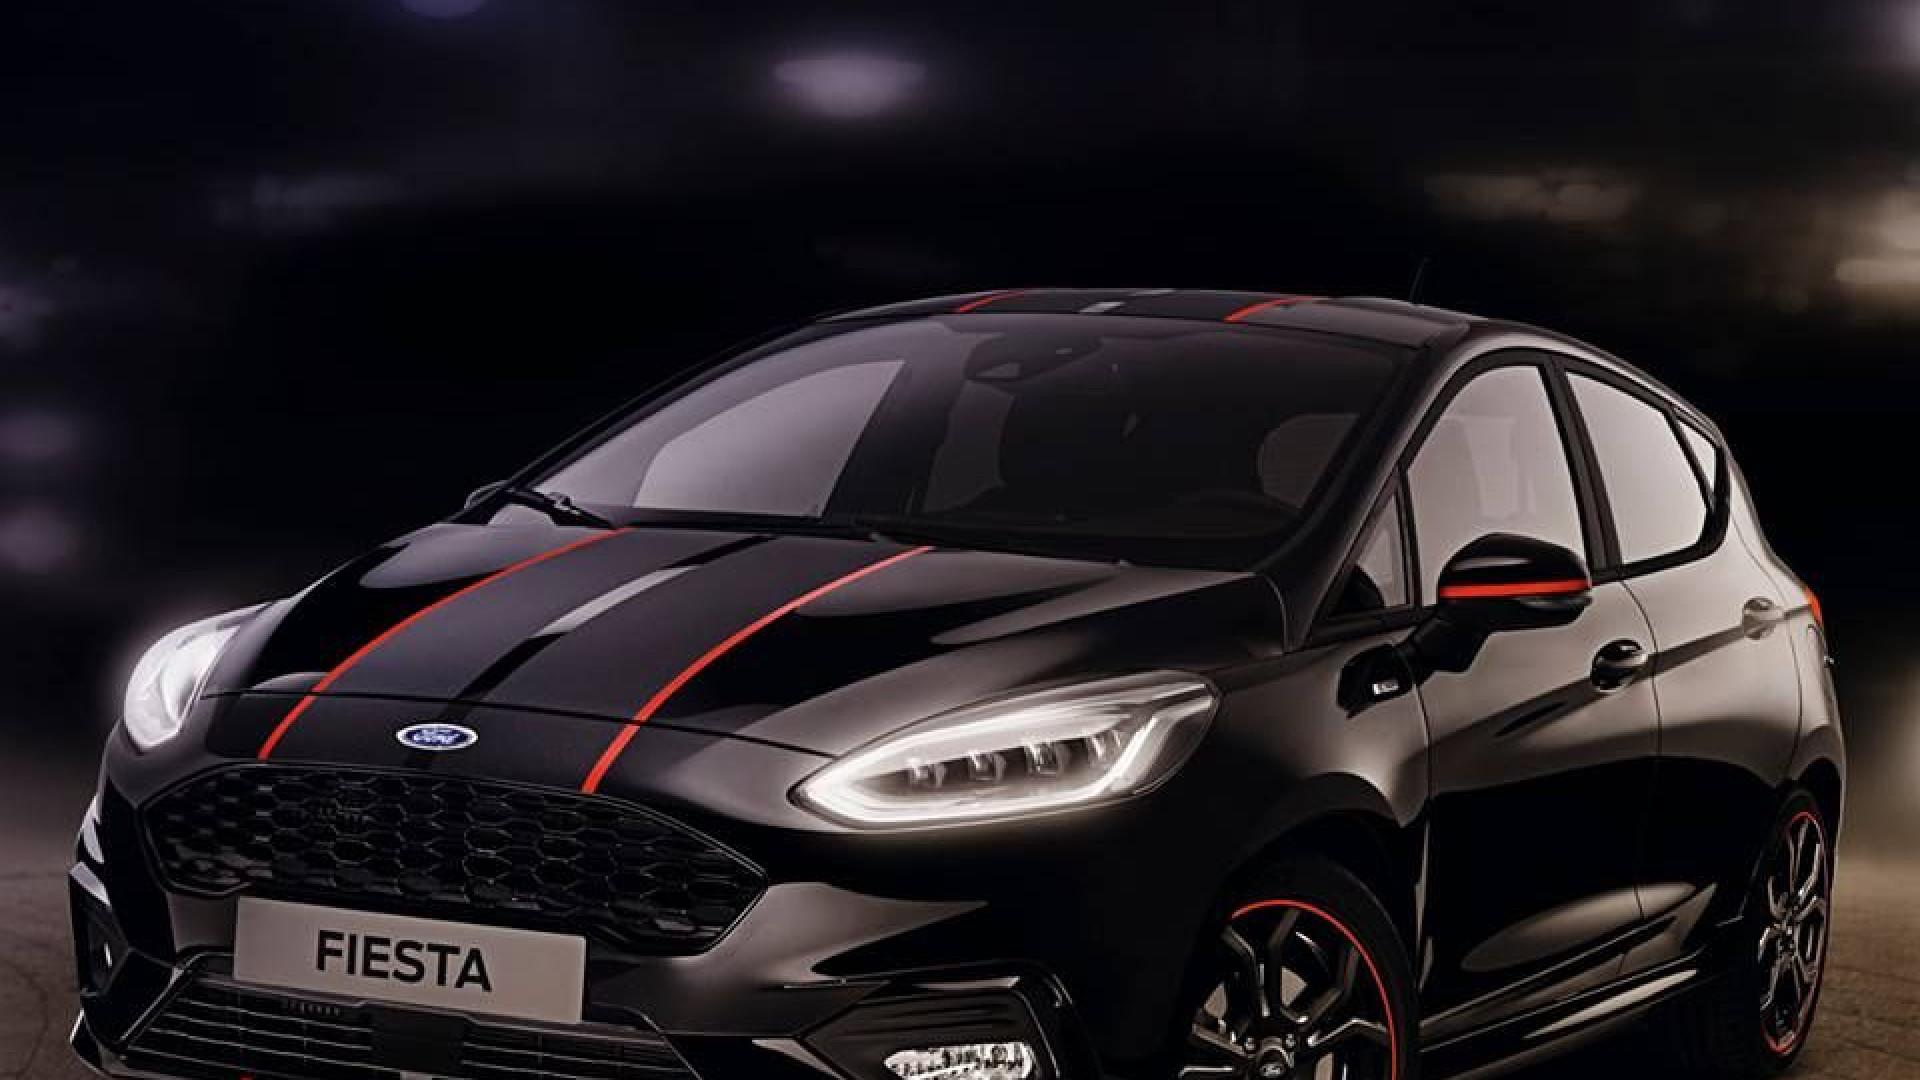 Espante-se com os desportivos da Ford: Fique a conhecer os ST-Line